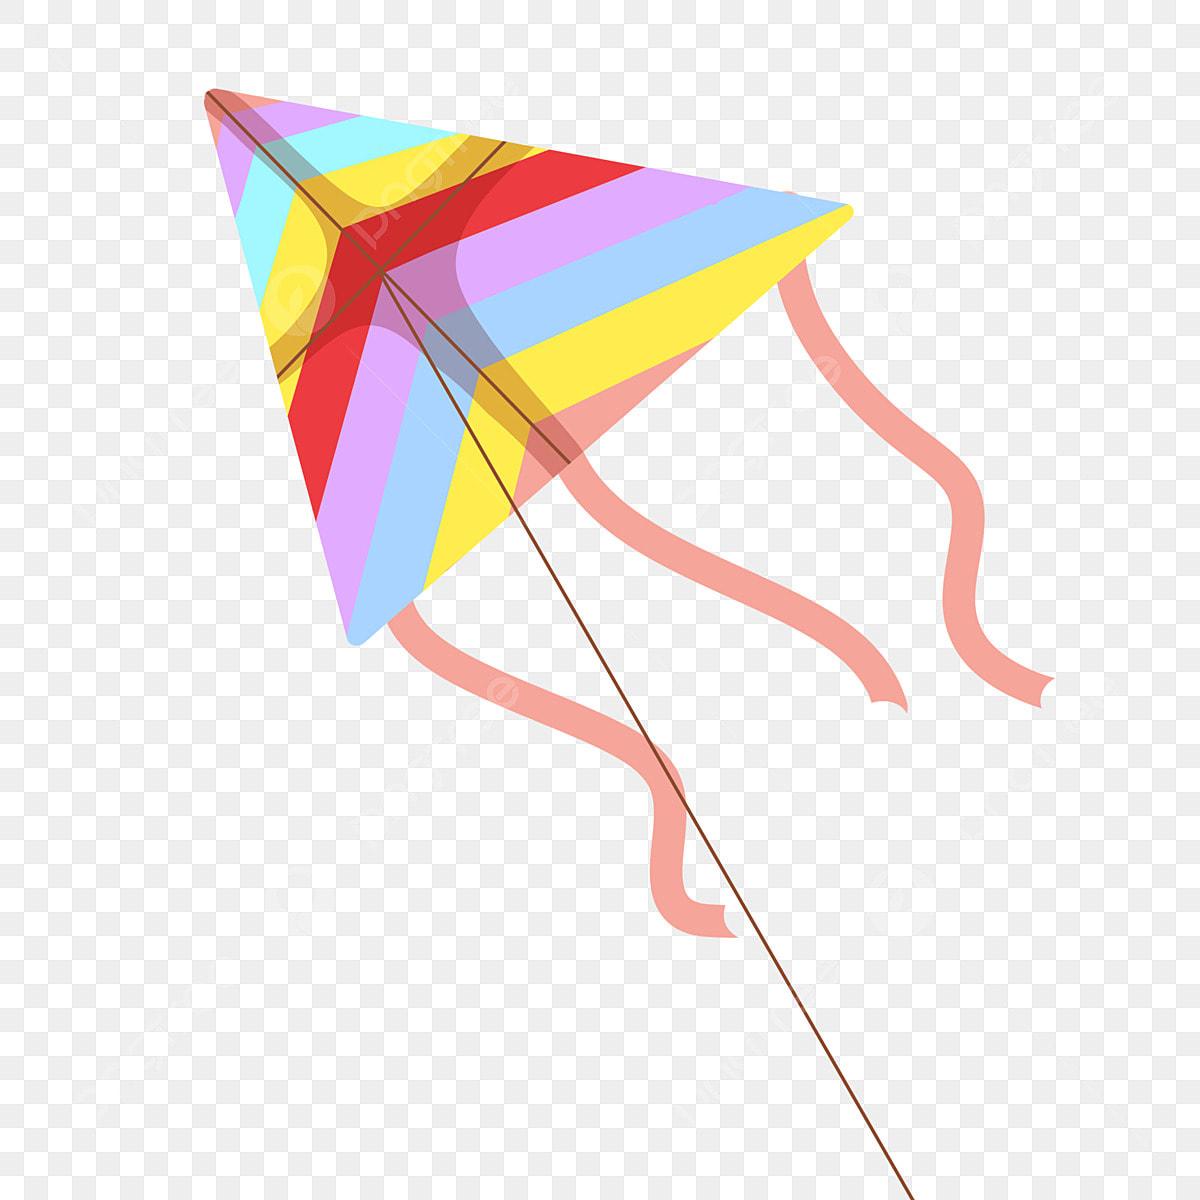 Cartoon Twisted Line Kite Color Kite Childlike Kite Fly A Kite